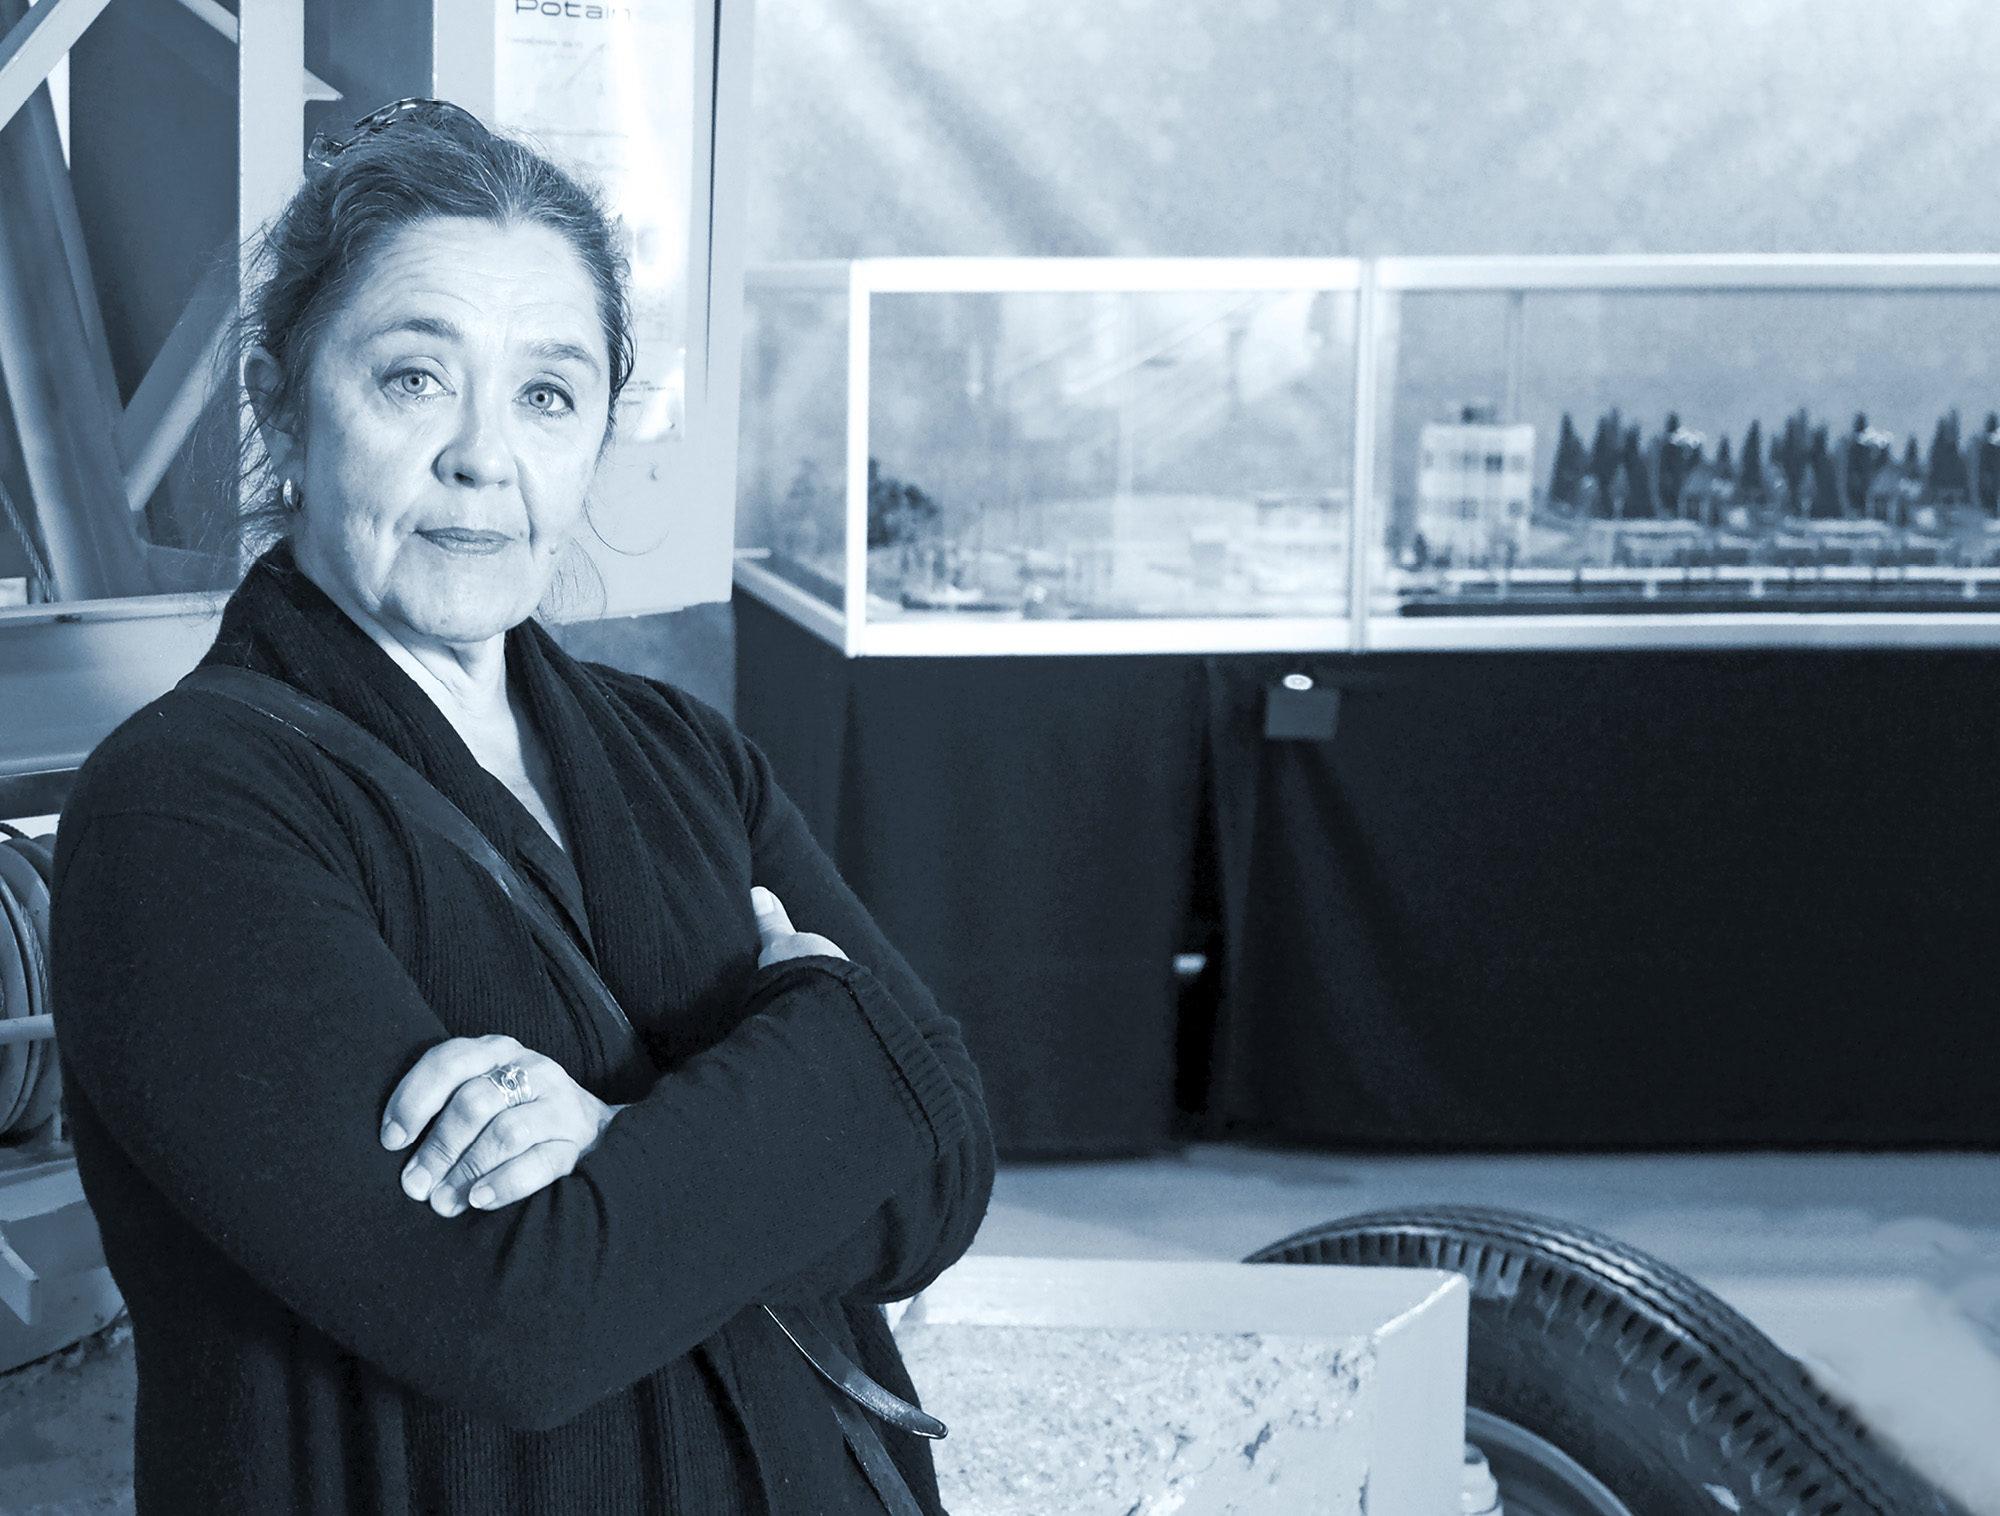 Näyttelyarkkitehti  Taina Väisäsen kädenjälkeen pääsee tutustumaan Tekniikan museossa, kun museon uusi perusnäyttely Tekniikan maa avautuu 10. lokakuuta. Näyttely  esittelee kokonaisvaltaisesti teknologian merkitystä ja kehitystä Suomessa.